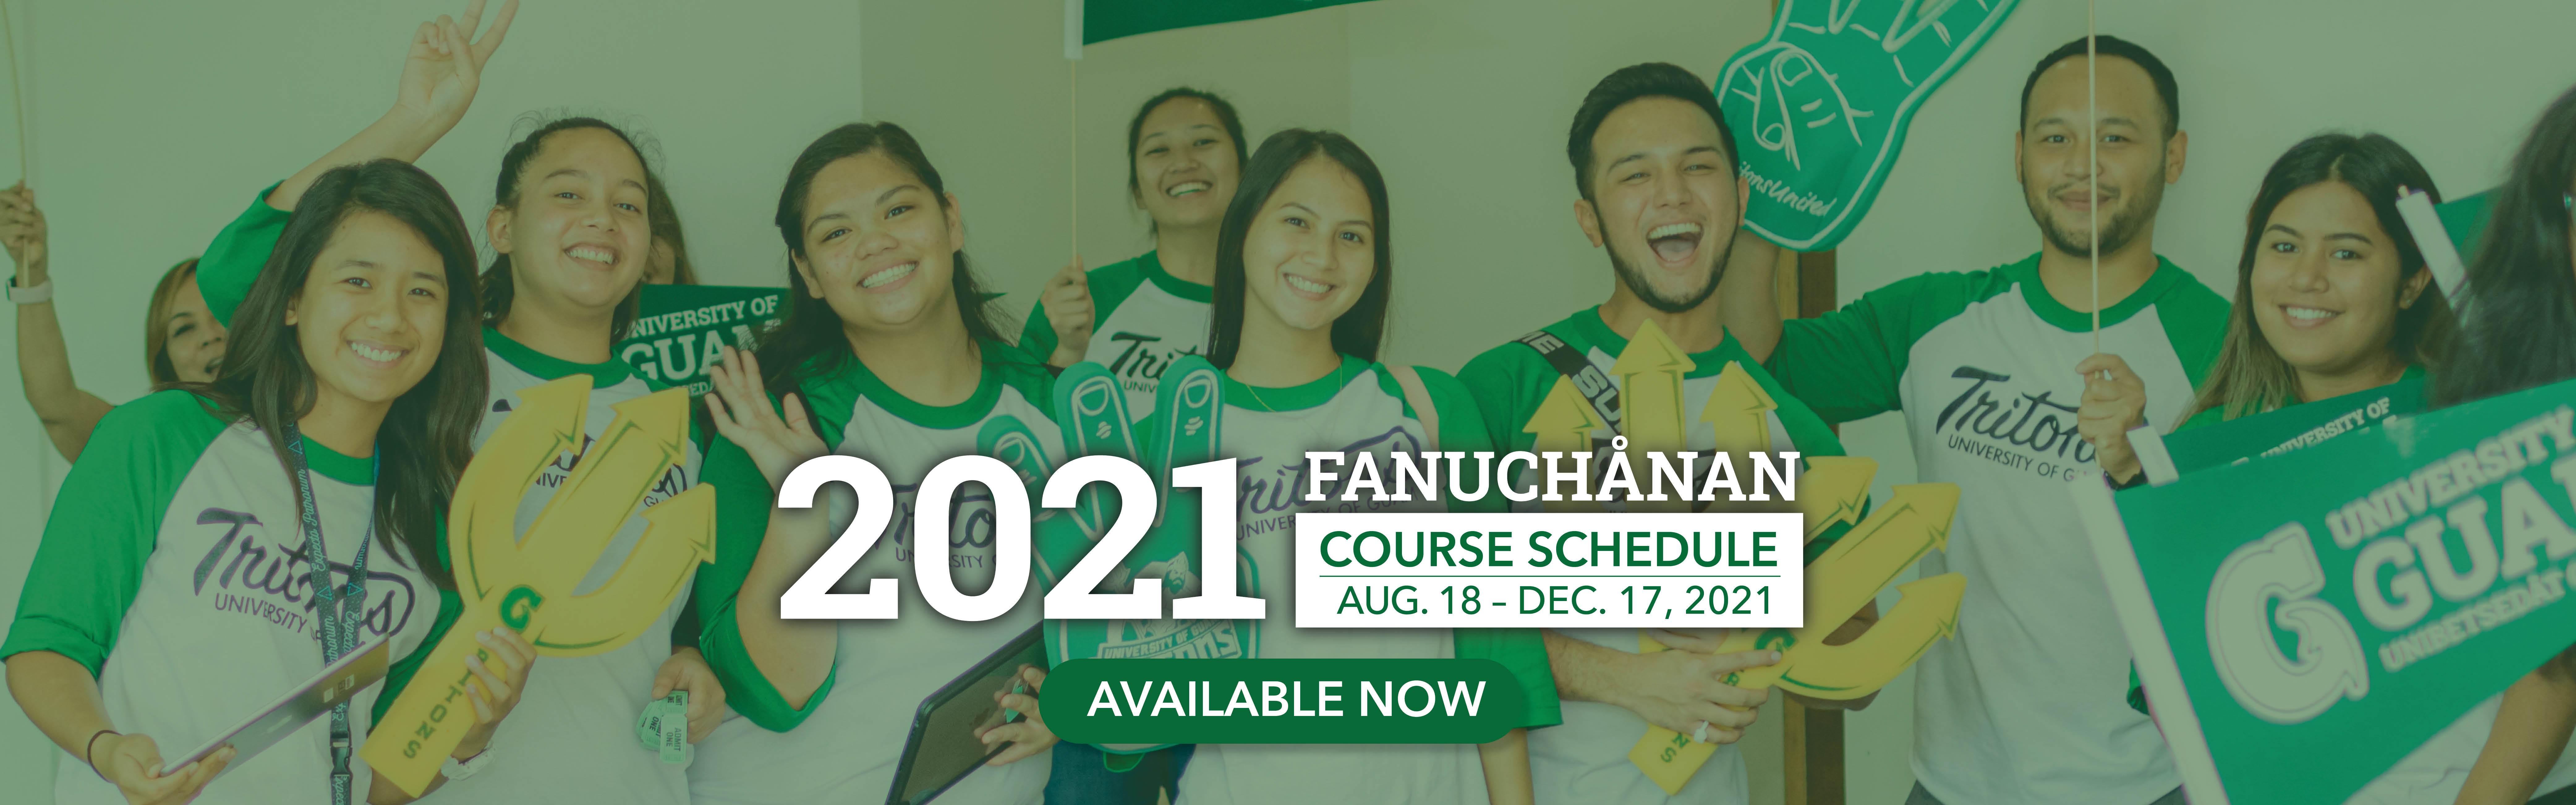 2021 Fanhuchanan Course Schedule